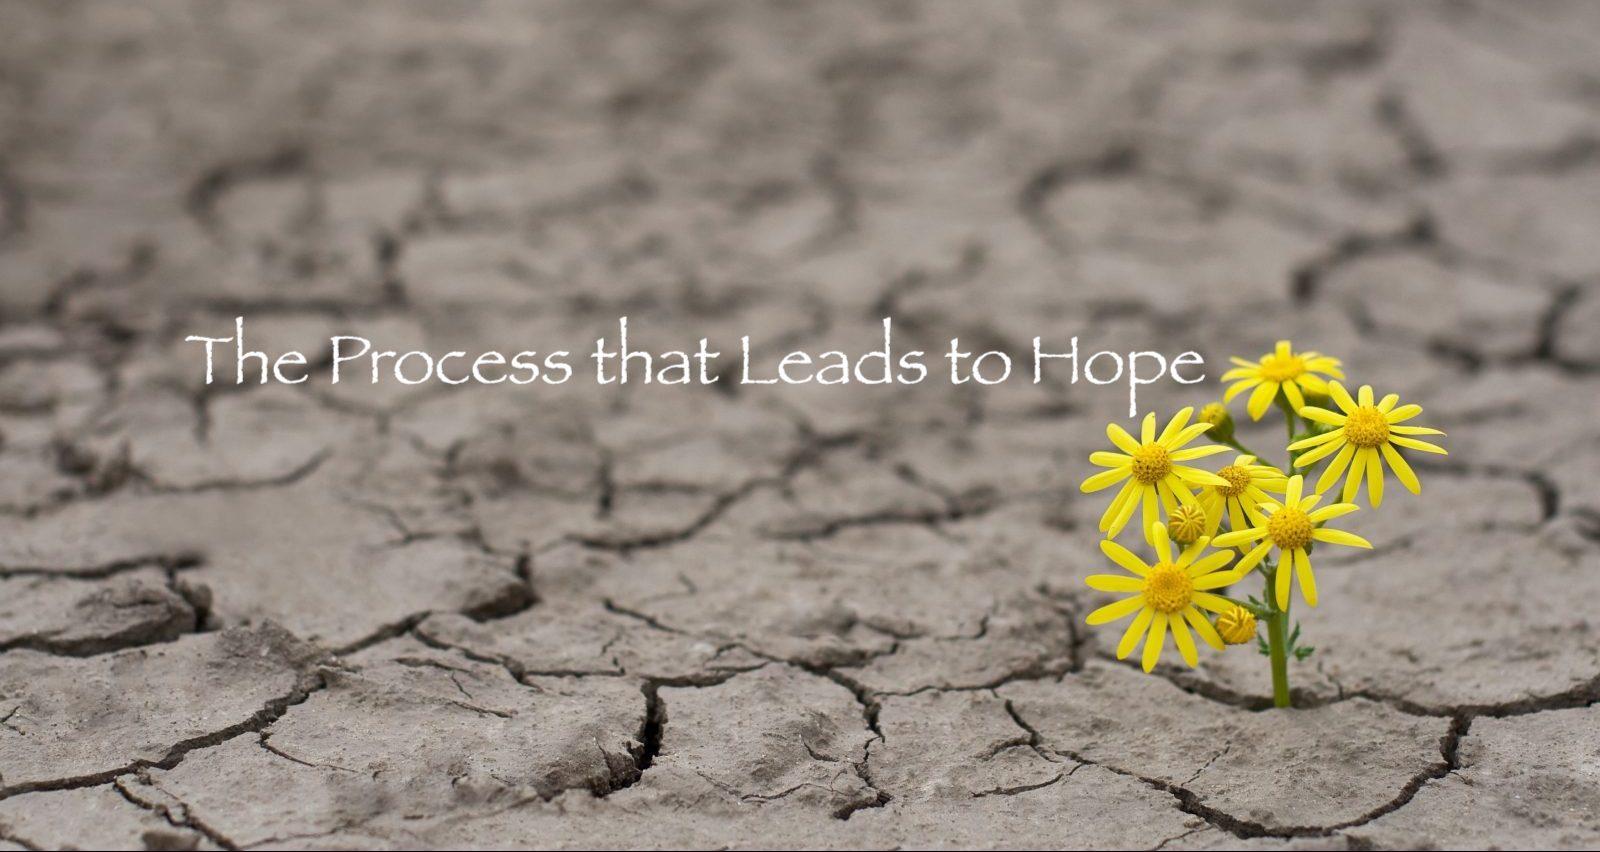 flower-hope-earth-climate-change-e1493332891171.jpeg